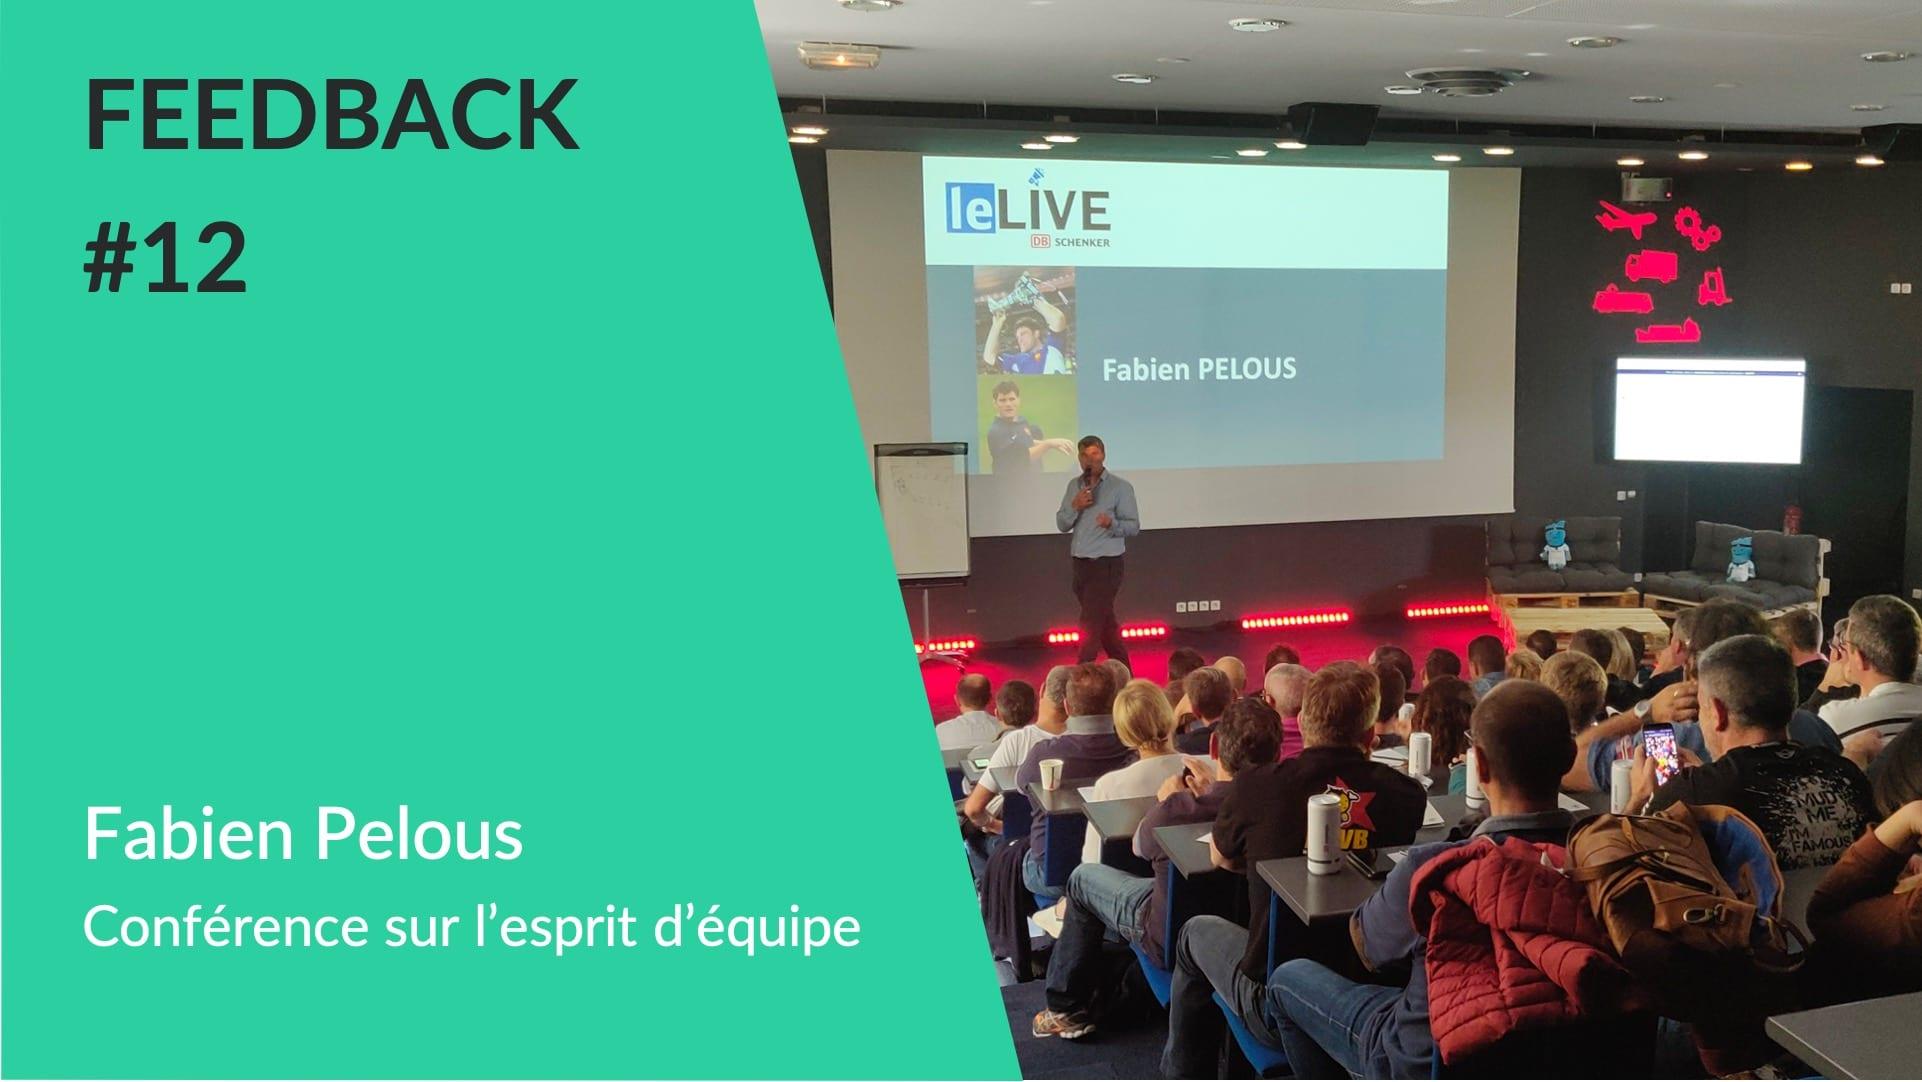 Feedback - Conférence esprit équipe avec Fabien Pelous